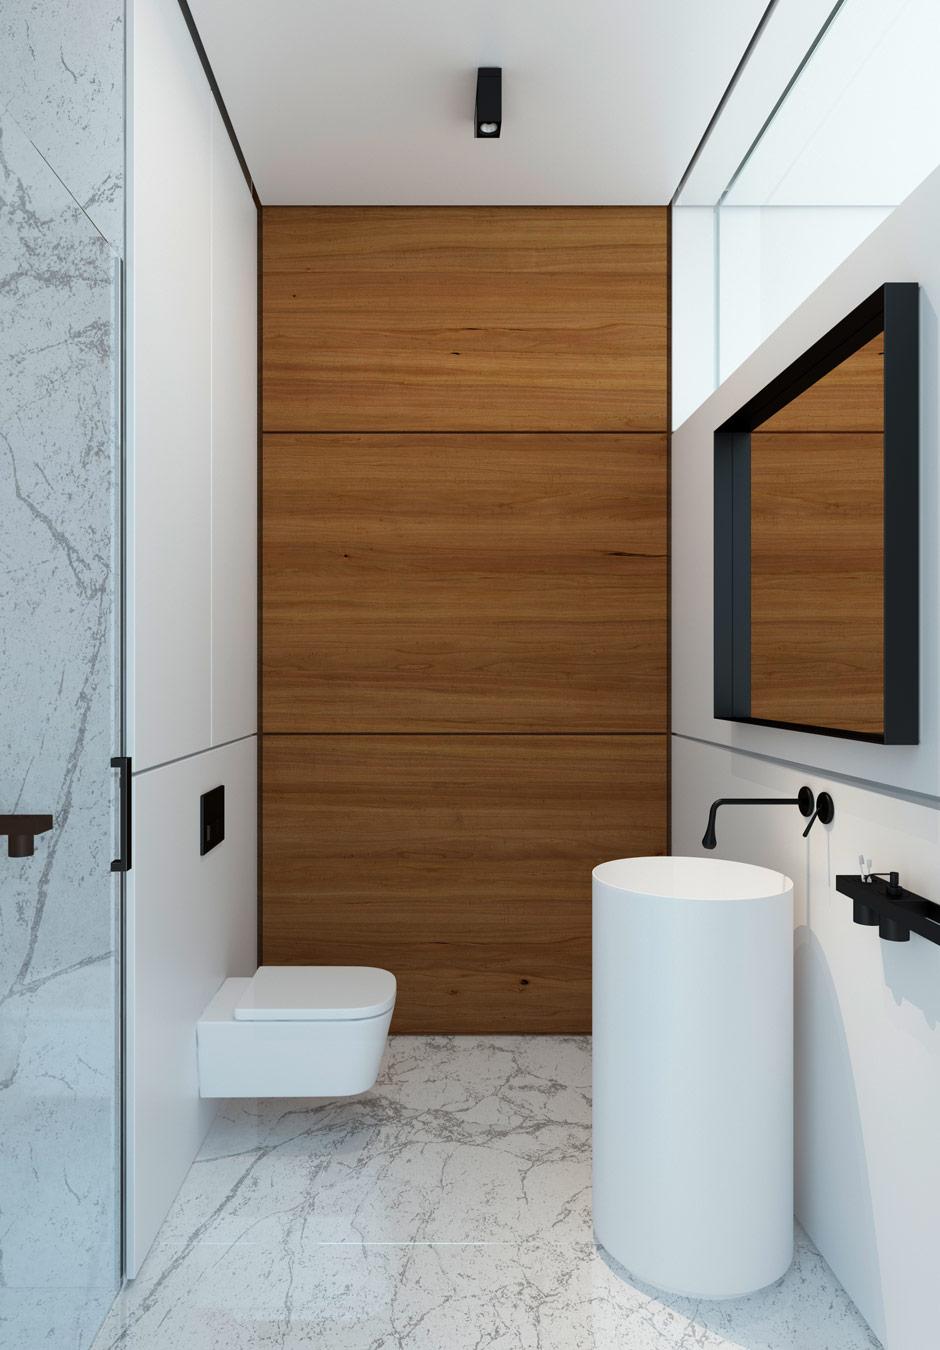 Wood Paneled Bathroom Interior Design Ideas